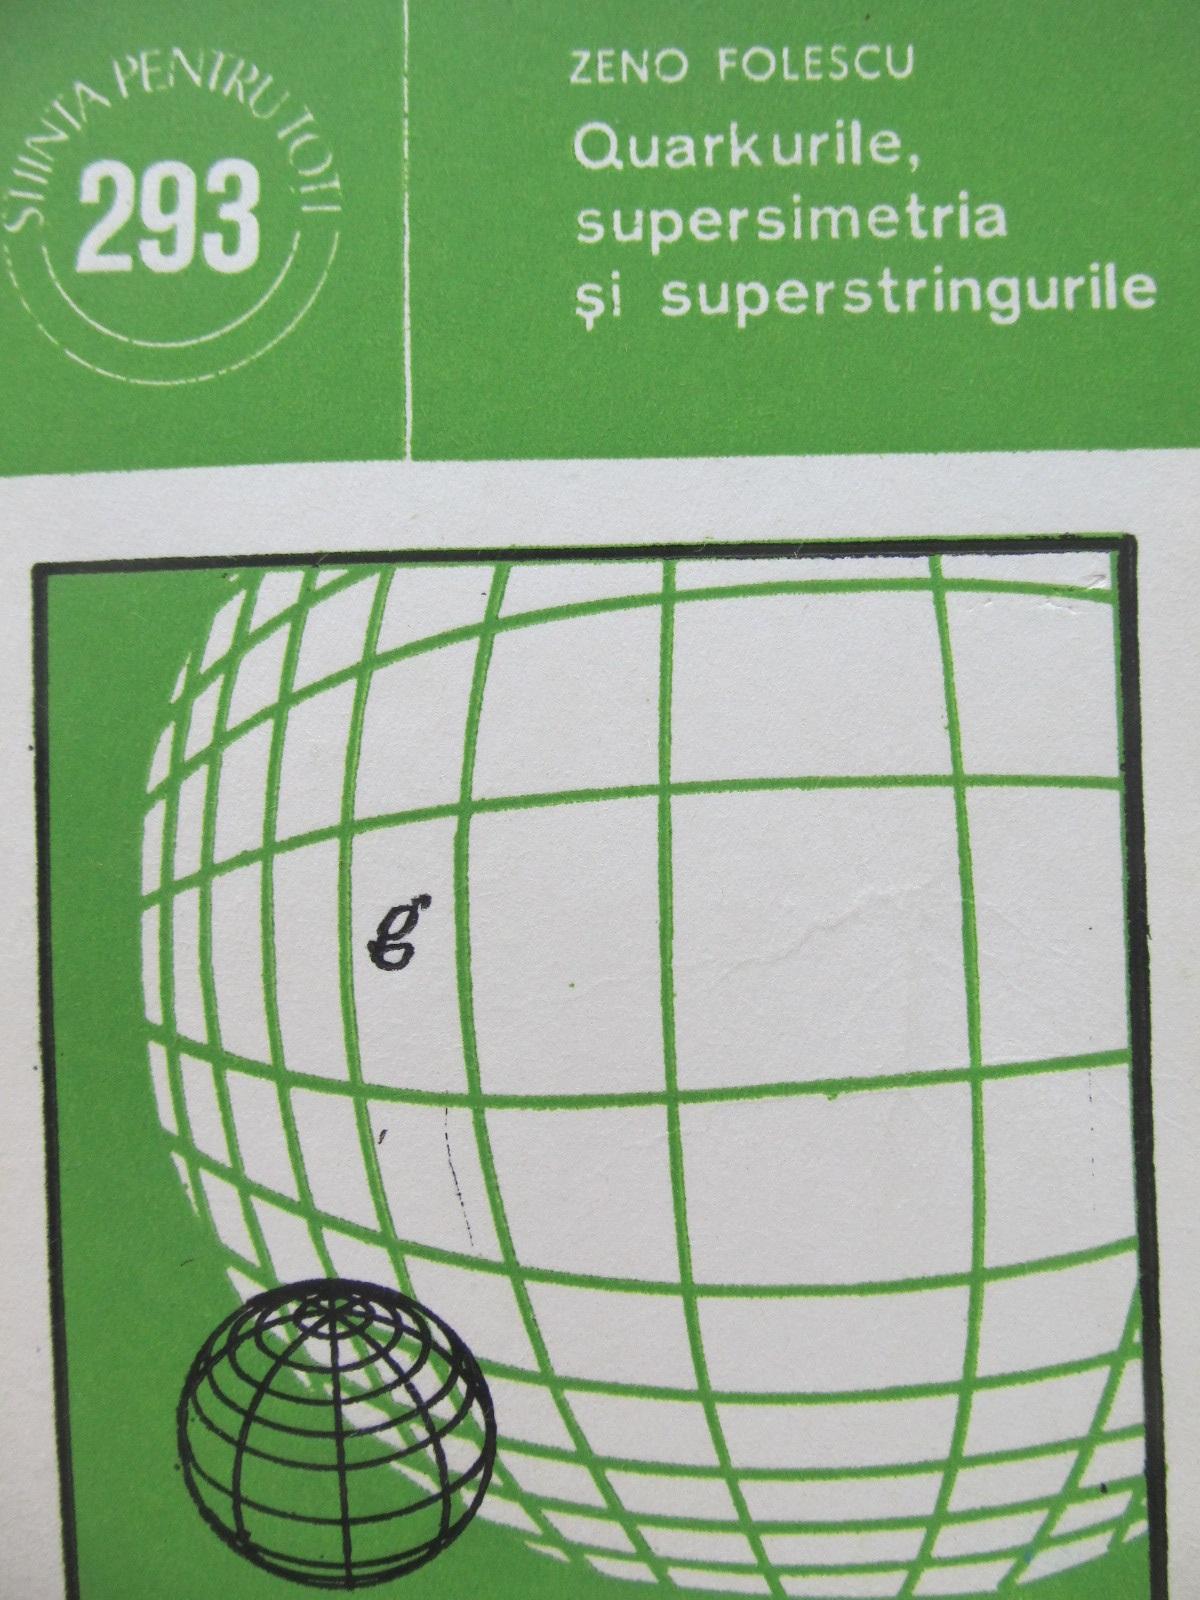 Quarkurile supersimetria si superstringurile - Zeno Folescu | Detalii carte